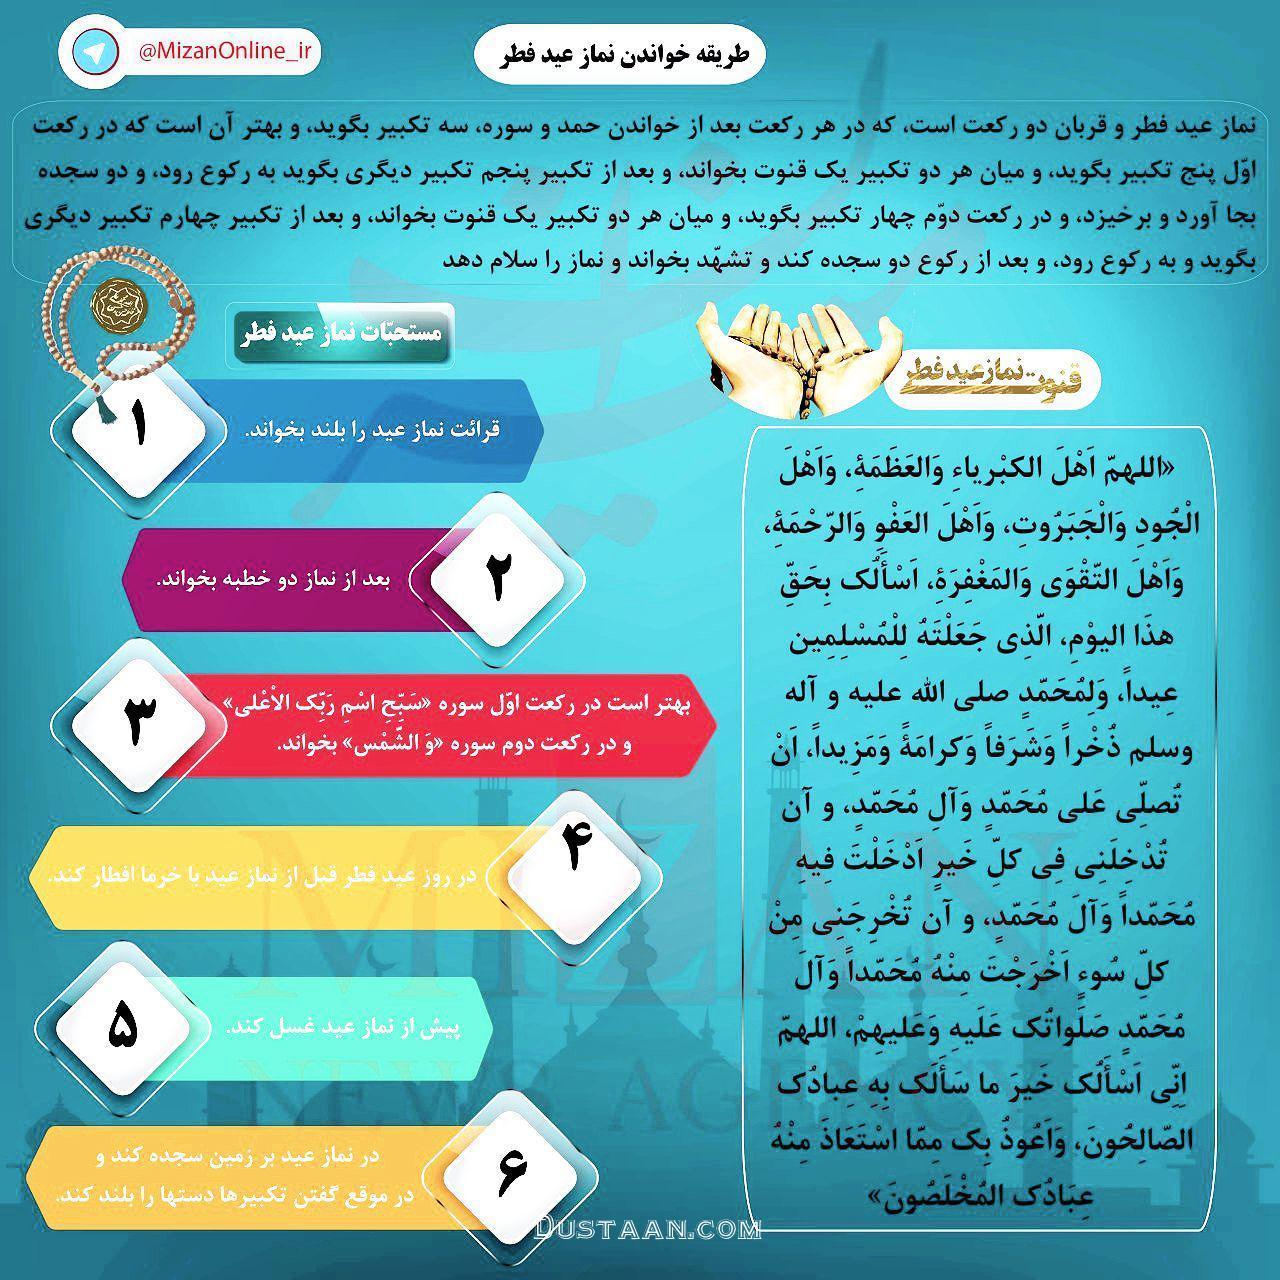 عکس دست و سرم نماز عید فطر را چگونه بخوانیم؟ +عکس - مجله اینترنتی دوستان